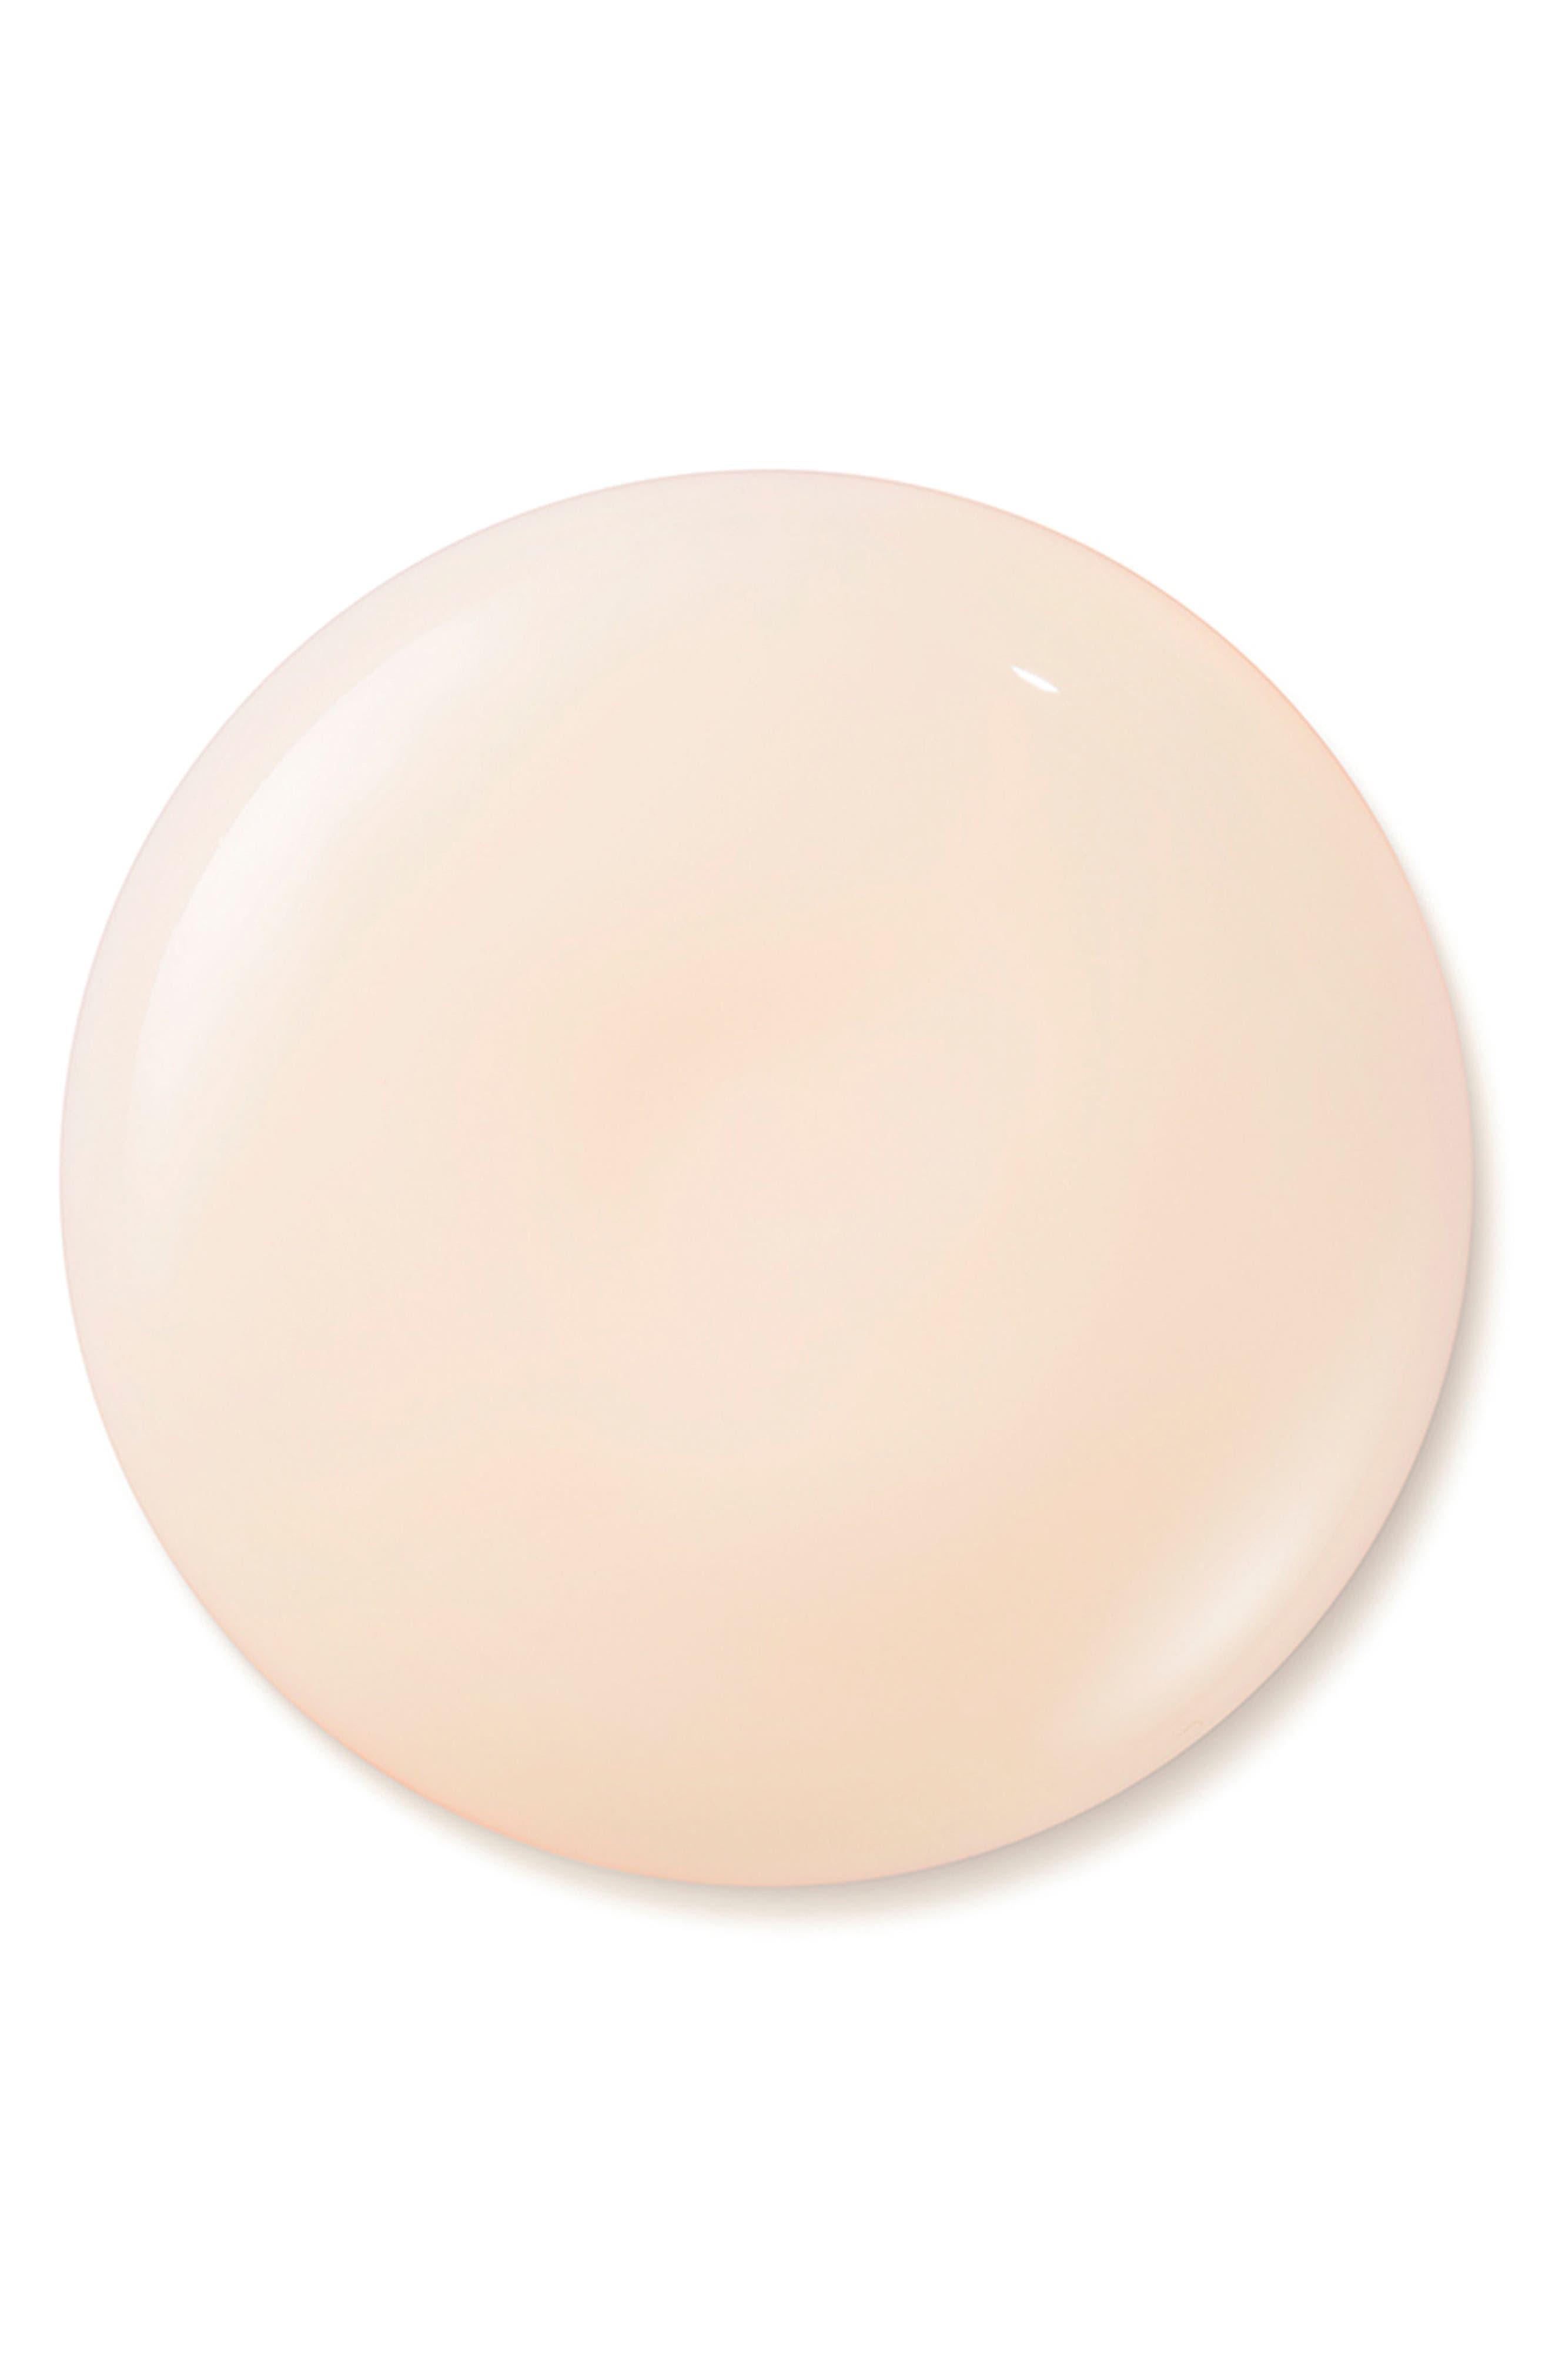 SHISEIDO, Benefiance WrinkleResist24 Night Emulsion, Alternate thumbnail 3, color, NO COLOR